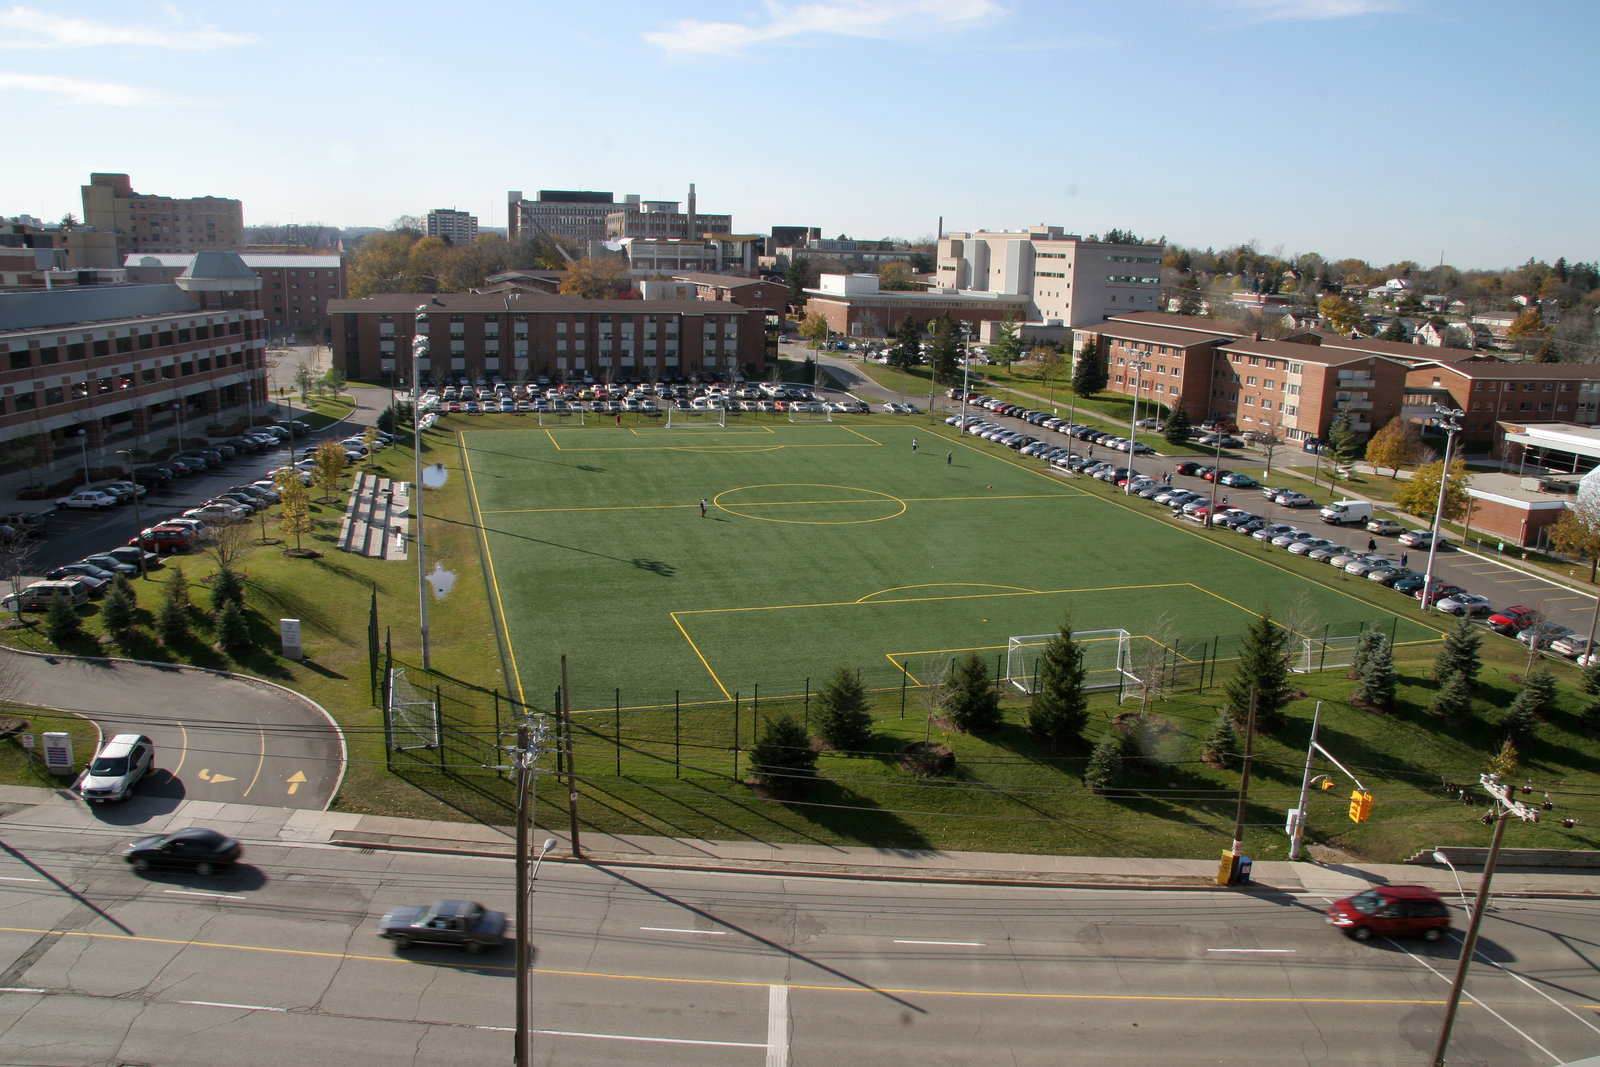 Alumni Field, Wilfrid Laurier University